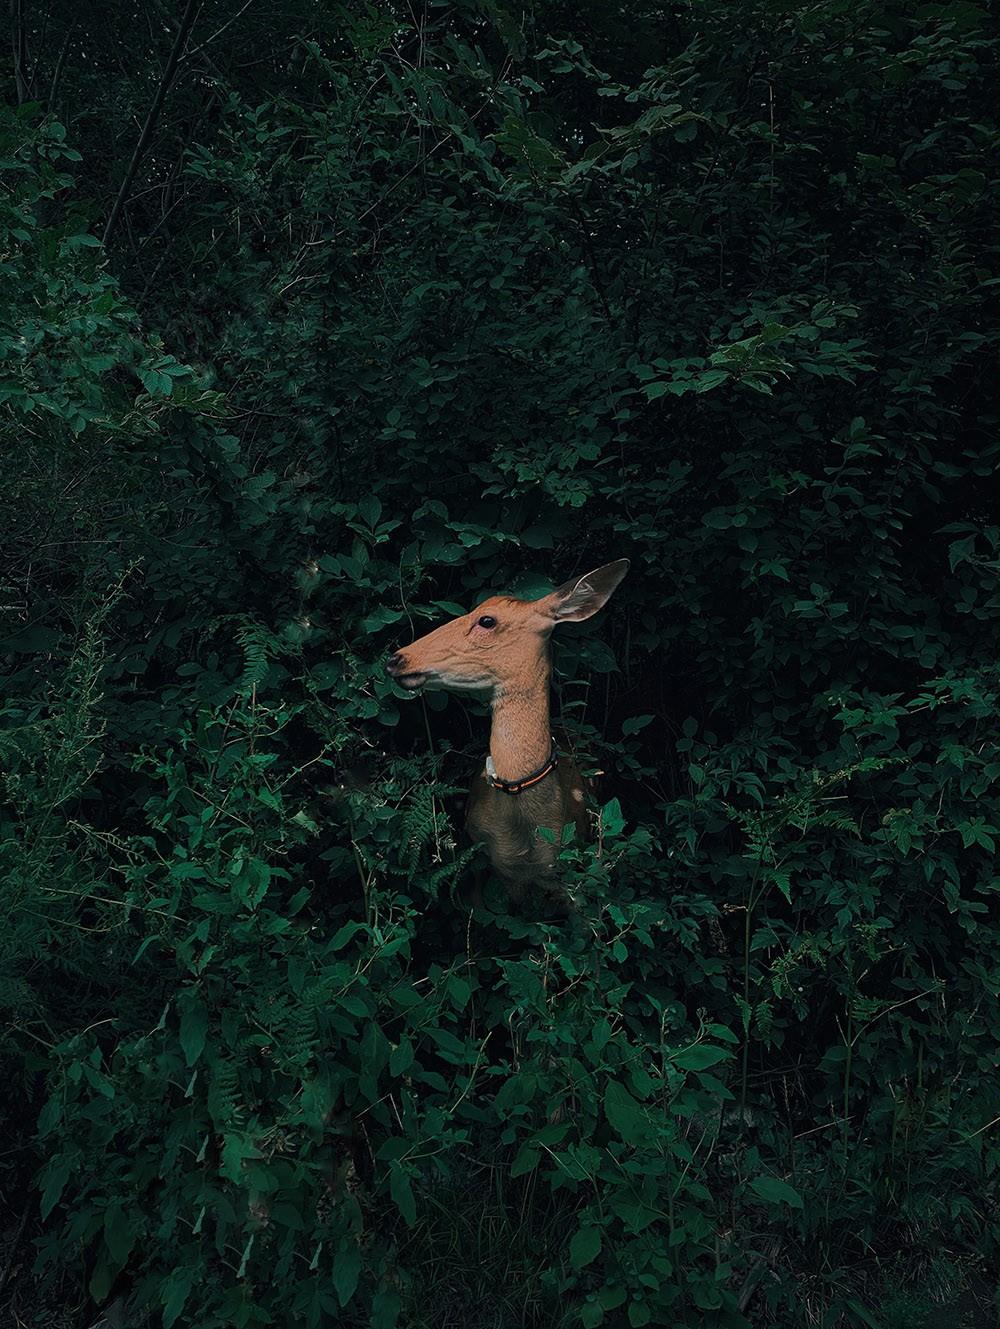 Победитель в категории «Природа и дикие животные», 2020. «Олень, прячущийся в лесу». Автор Цзянь Цуй